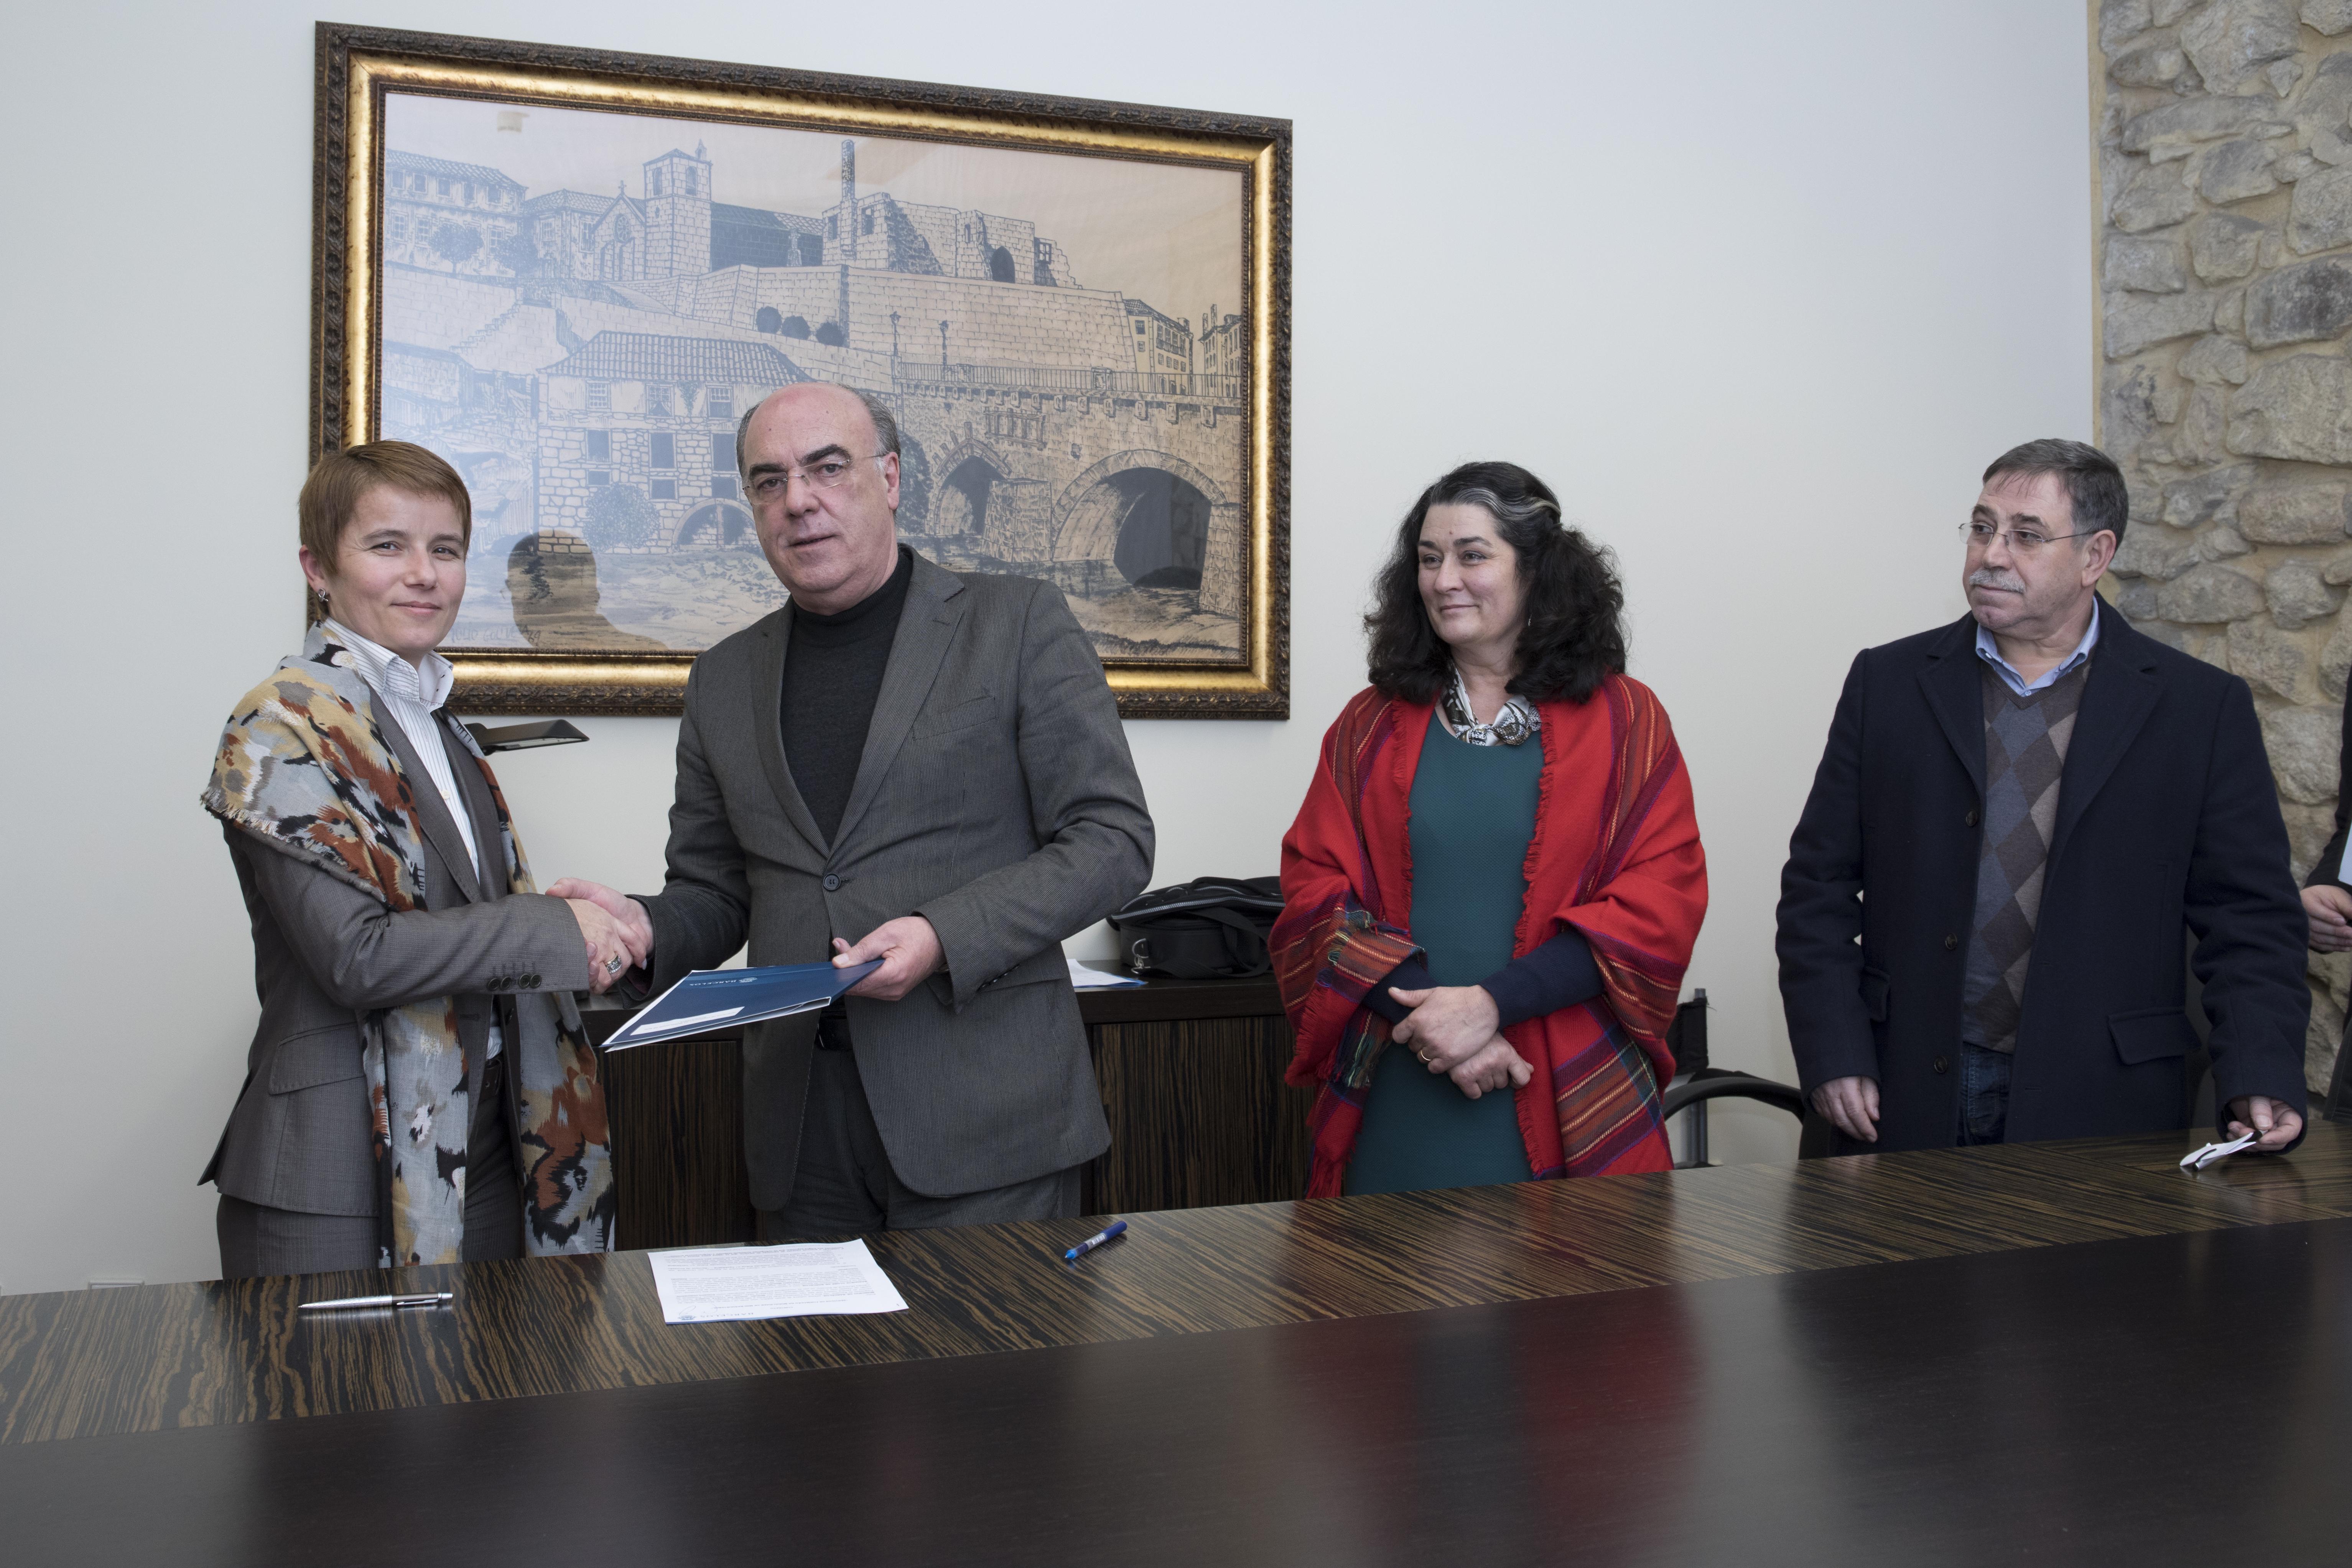 Município de Barcelos aposta na promoção do sucesso escolar através do desporto